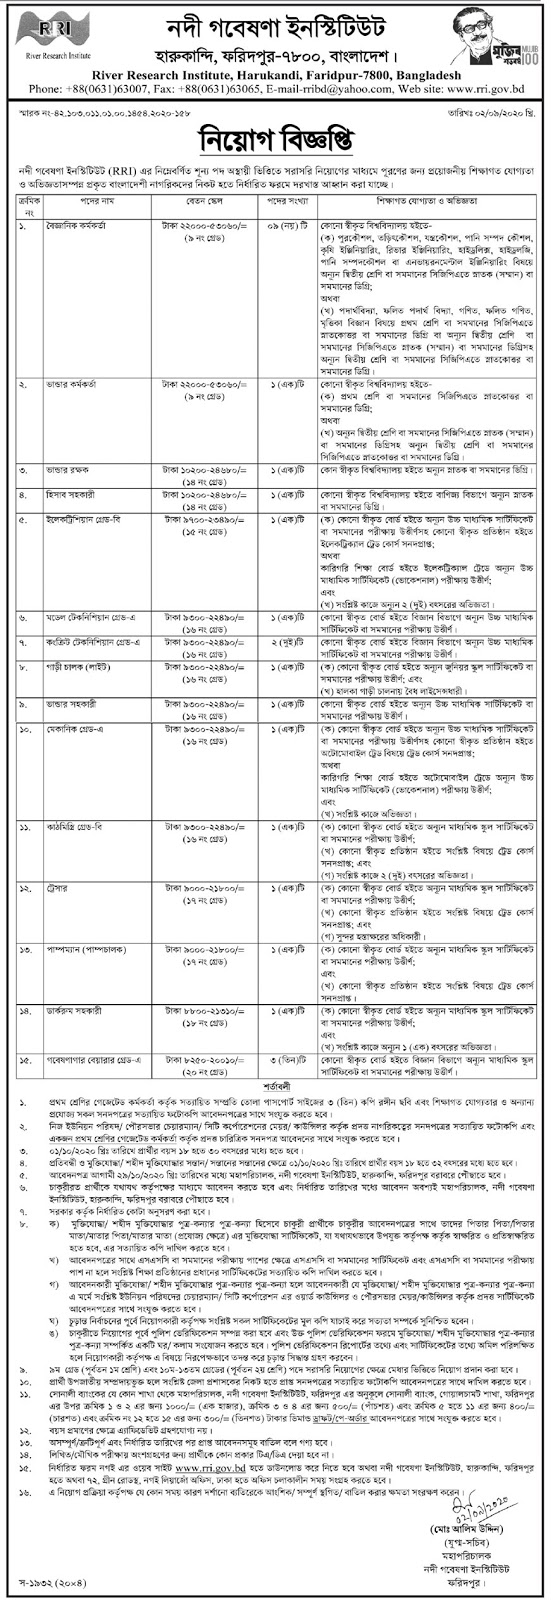 বিজ্ঞপ্তি টি River Research Institute Job Circular বা RRI Job Circuler 2020 বাংলায় নদী গবেষণা ইনস্টিটিউট নিয়োগ বিজ্ঞপ্তি ২০২০ বলে প্রকাশ করা হয়েছে। banladesh job news